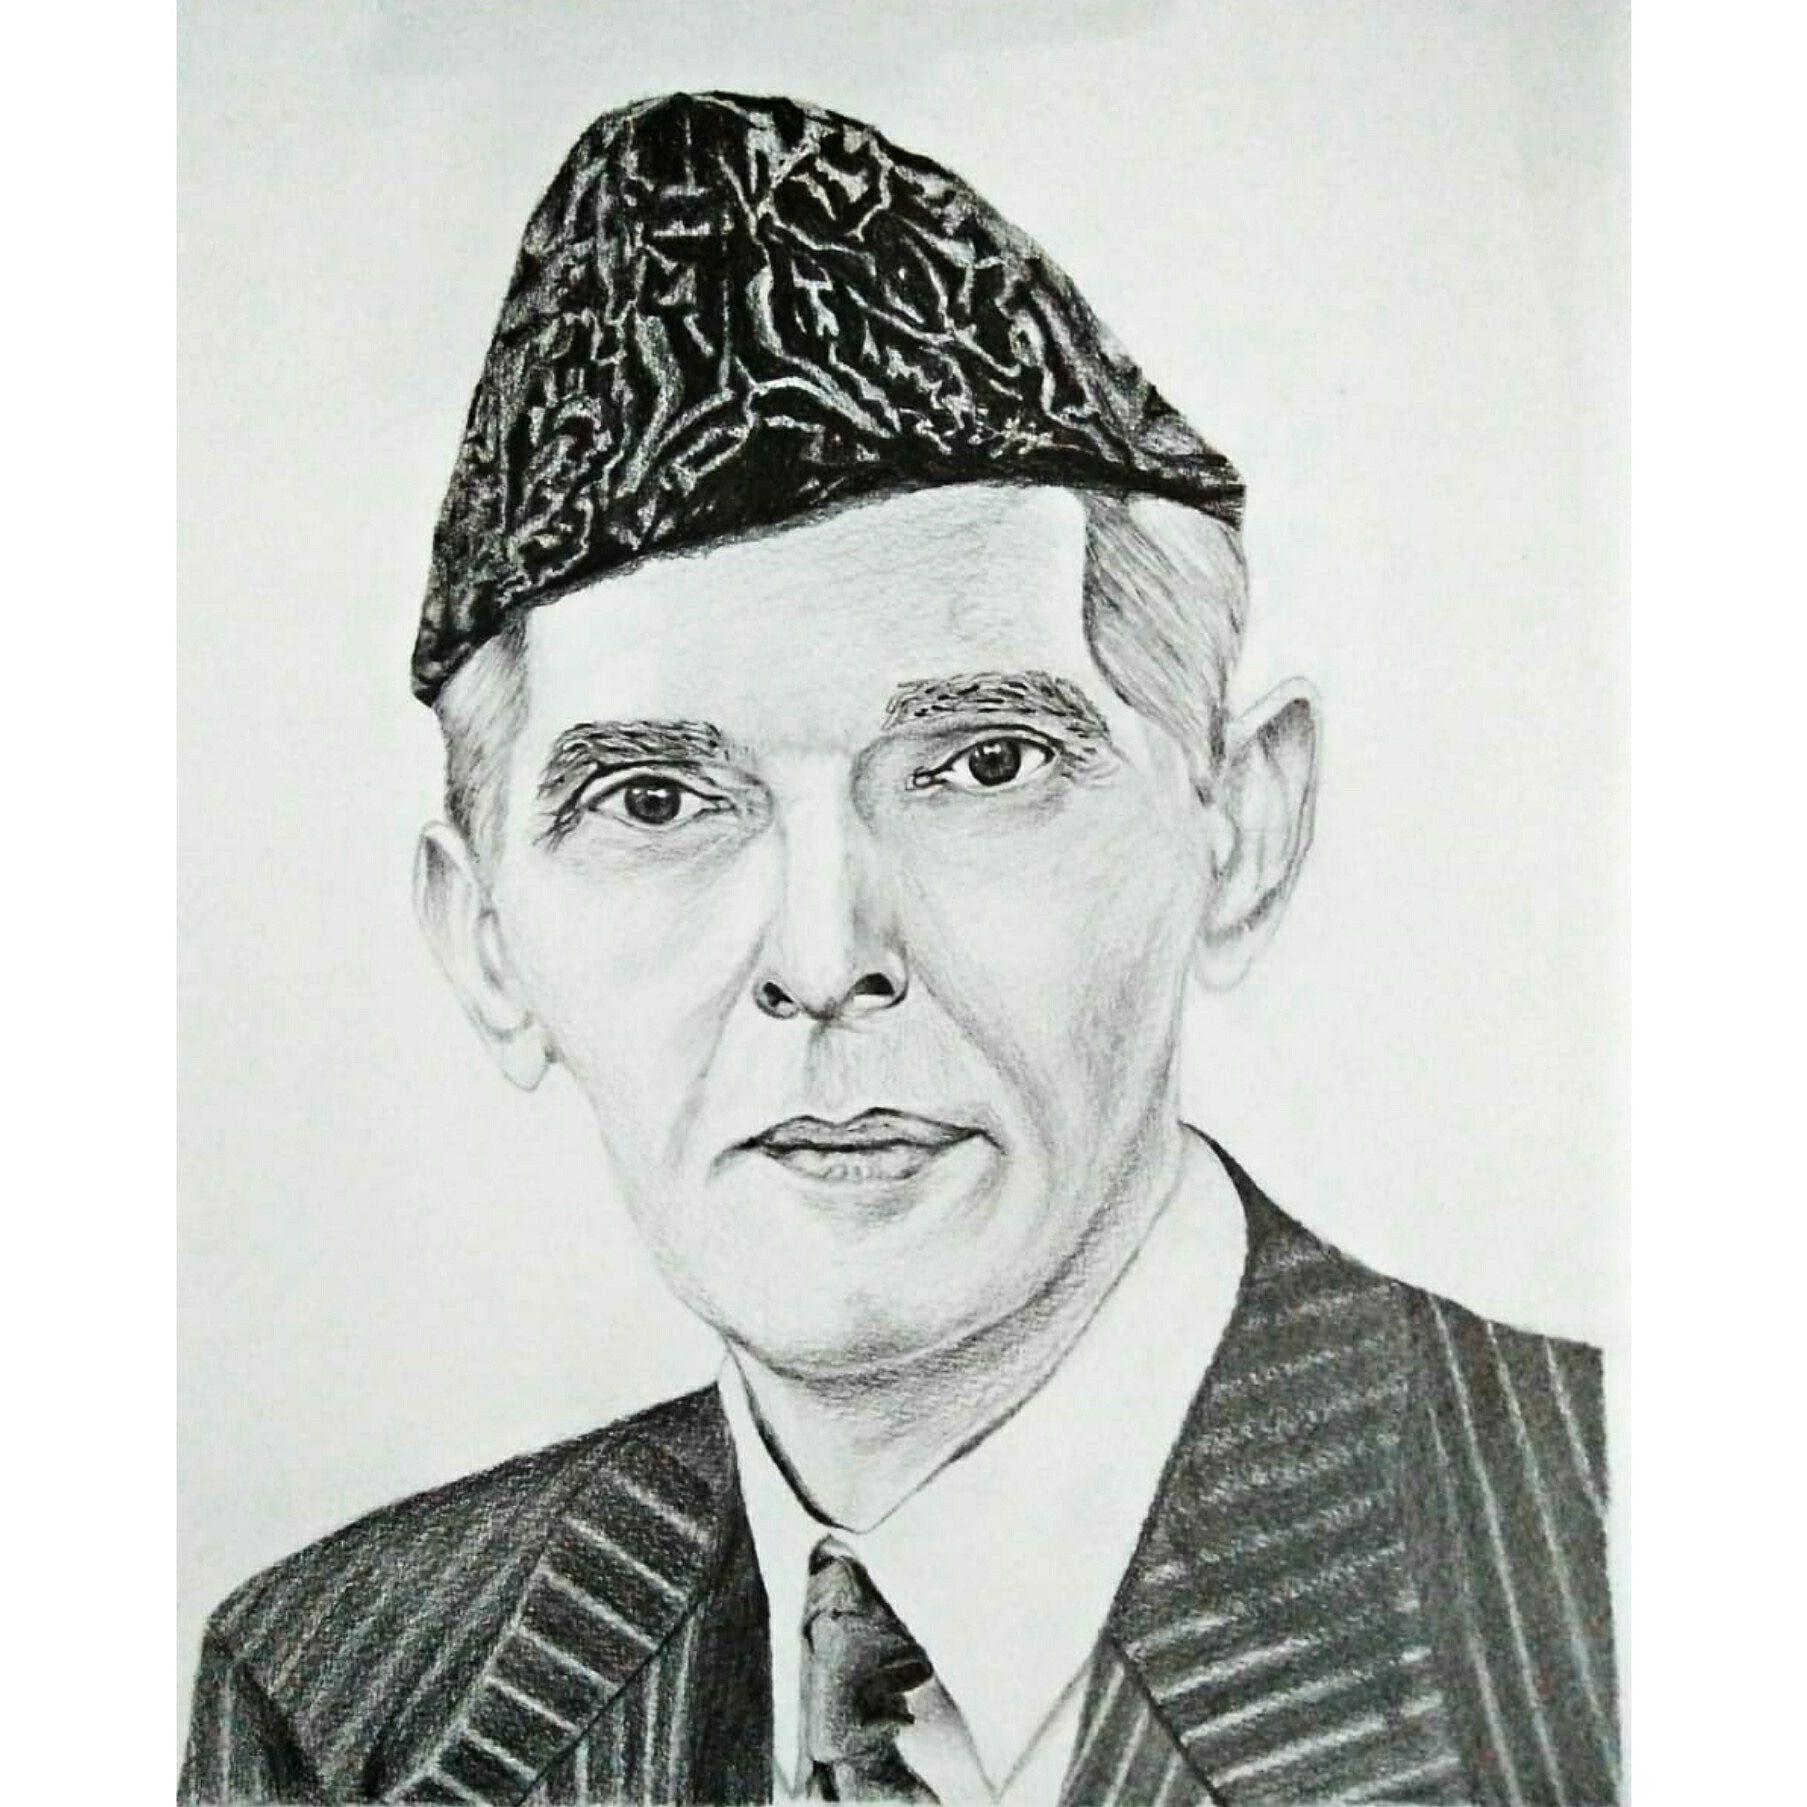 Portrait of our national hero and a true leader quaid e azam art